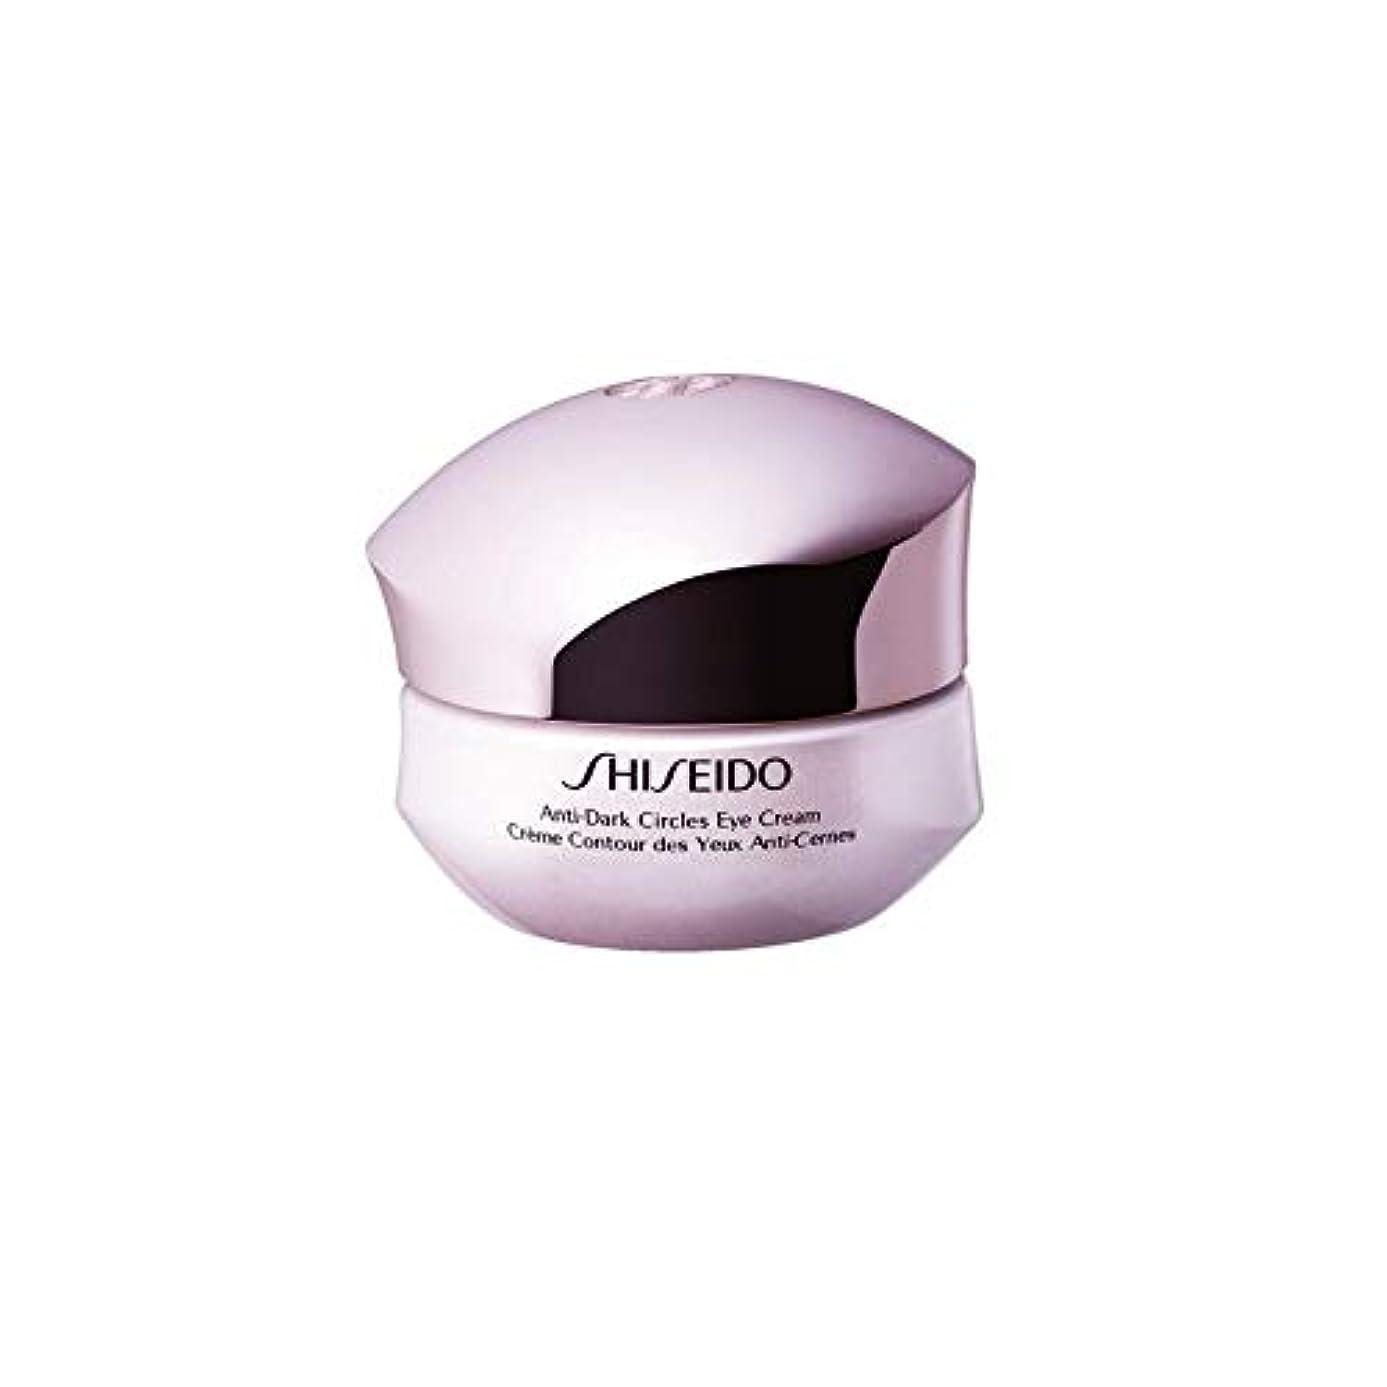 アクセサリーバイオリニスト宣教師[Shiseido] 資生堂Antidark円アイクリーム(15ミリリットル) - Shiseido Antidark Circles Eye Cream (15ml) [並行輸入品]